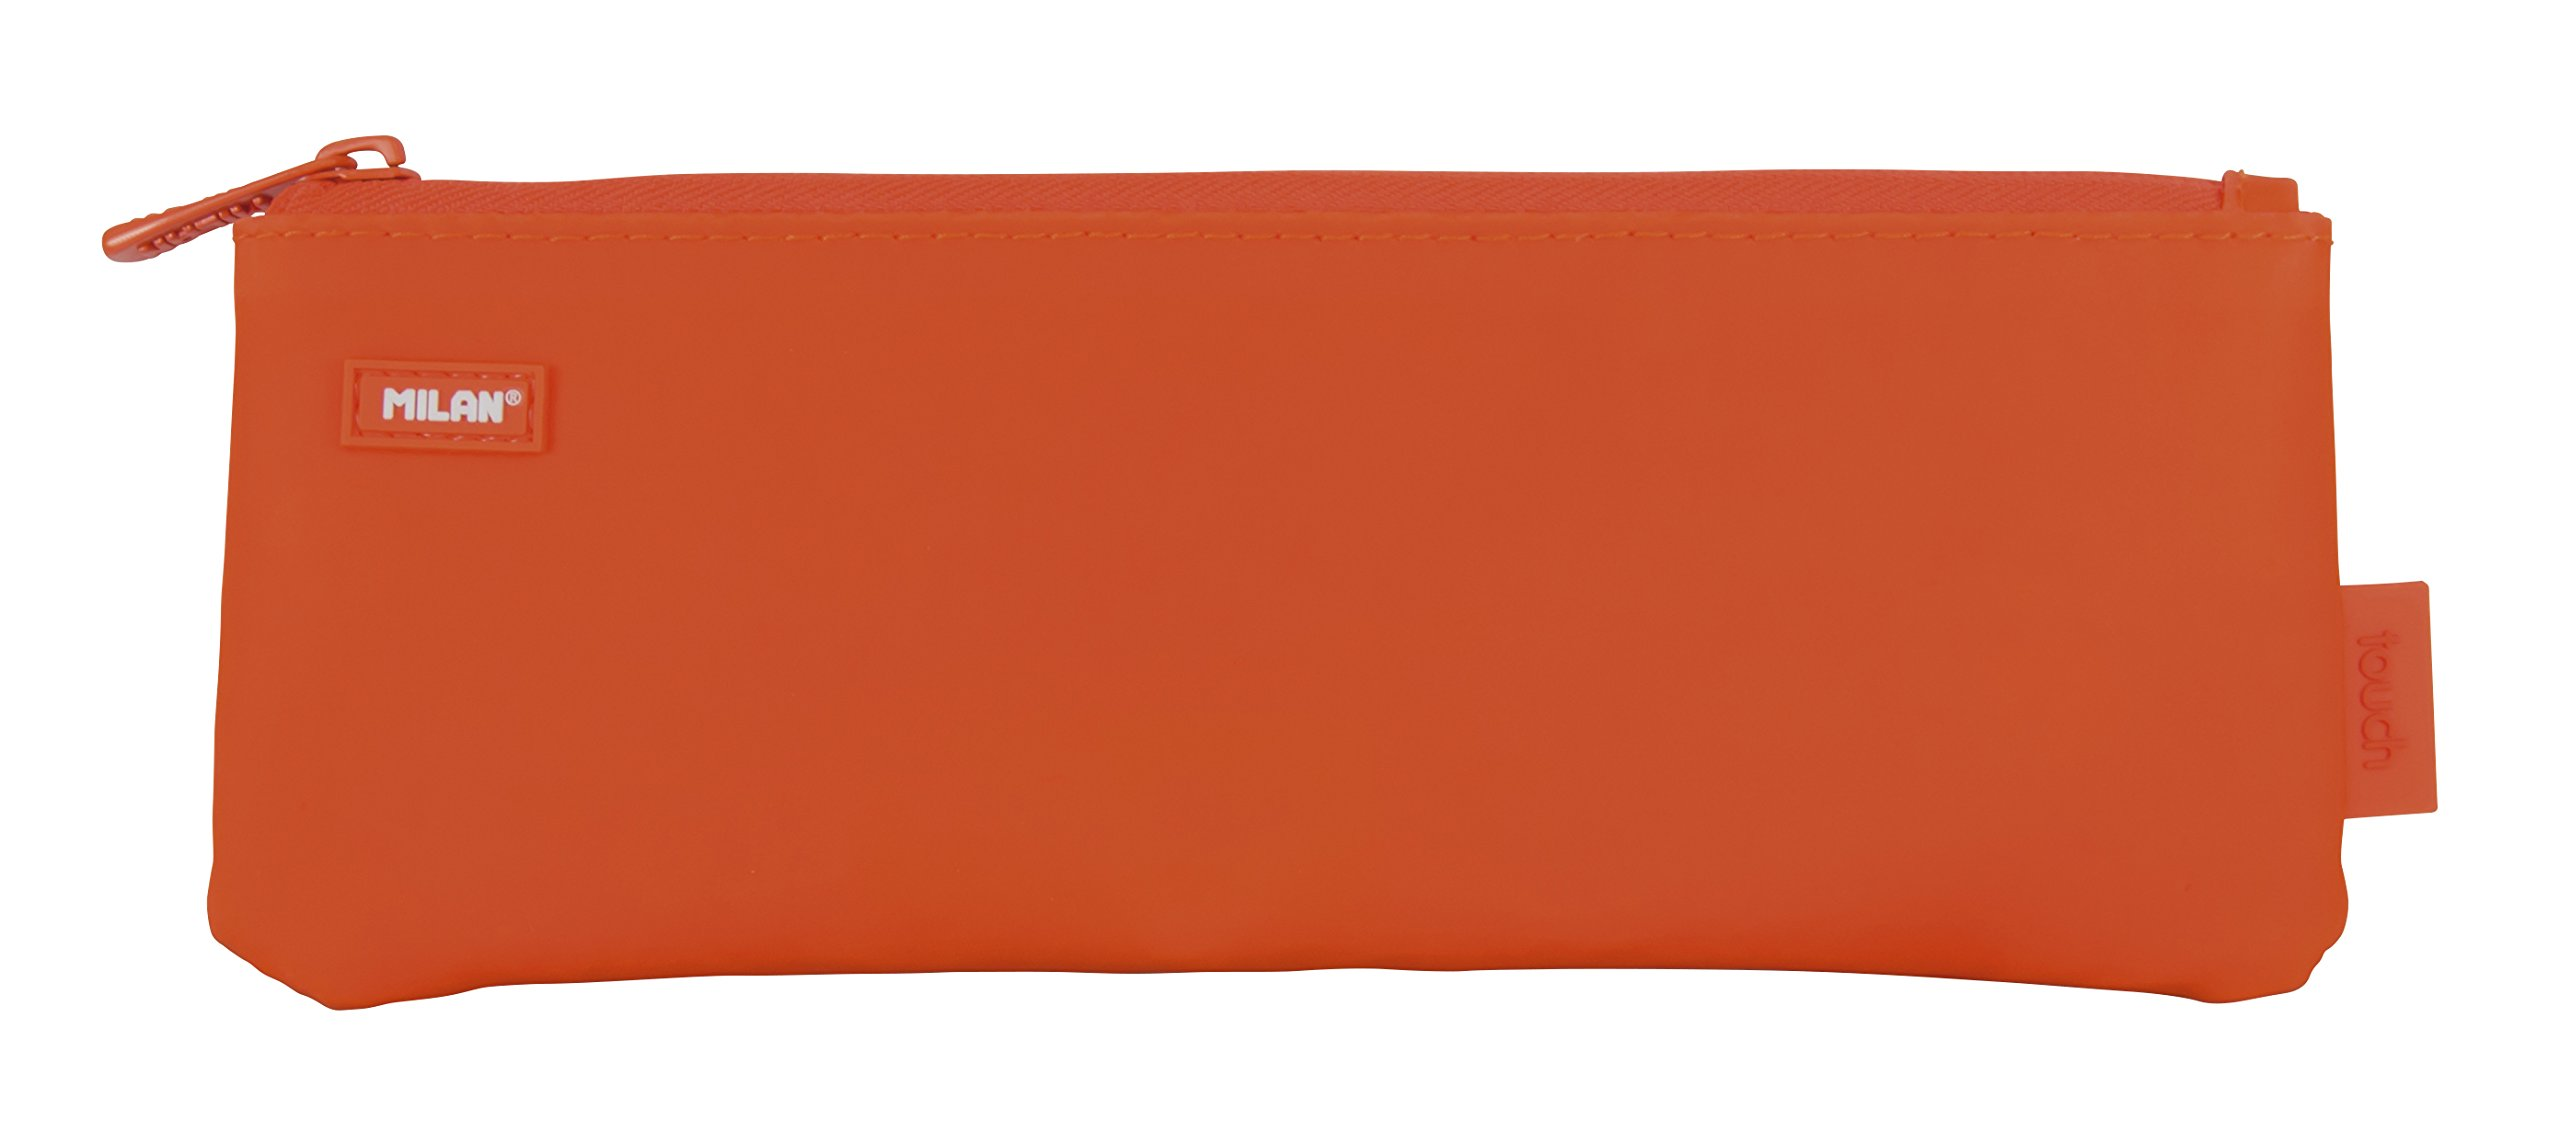 Milan Touch Estuches, 23 cm, 0.2 Litros, Naranja